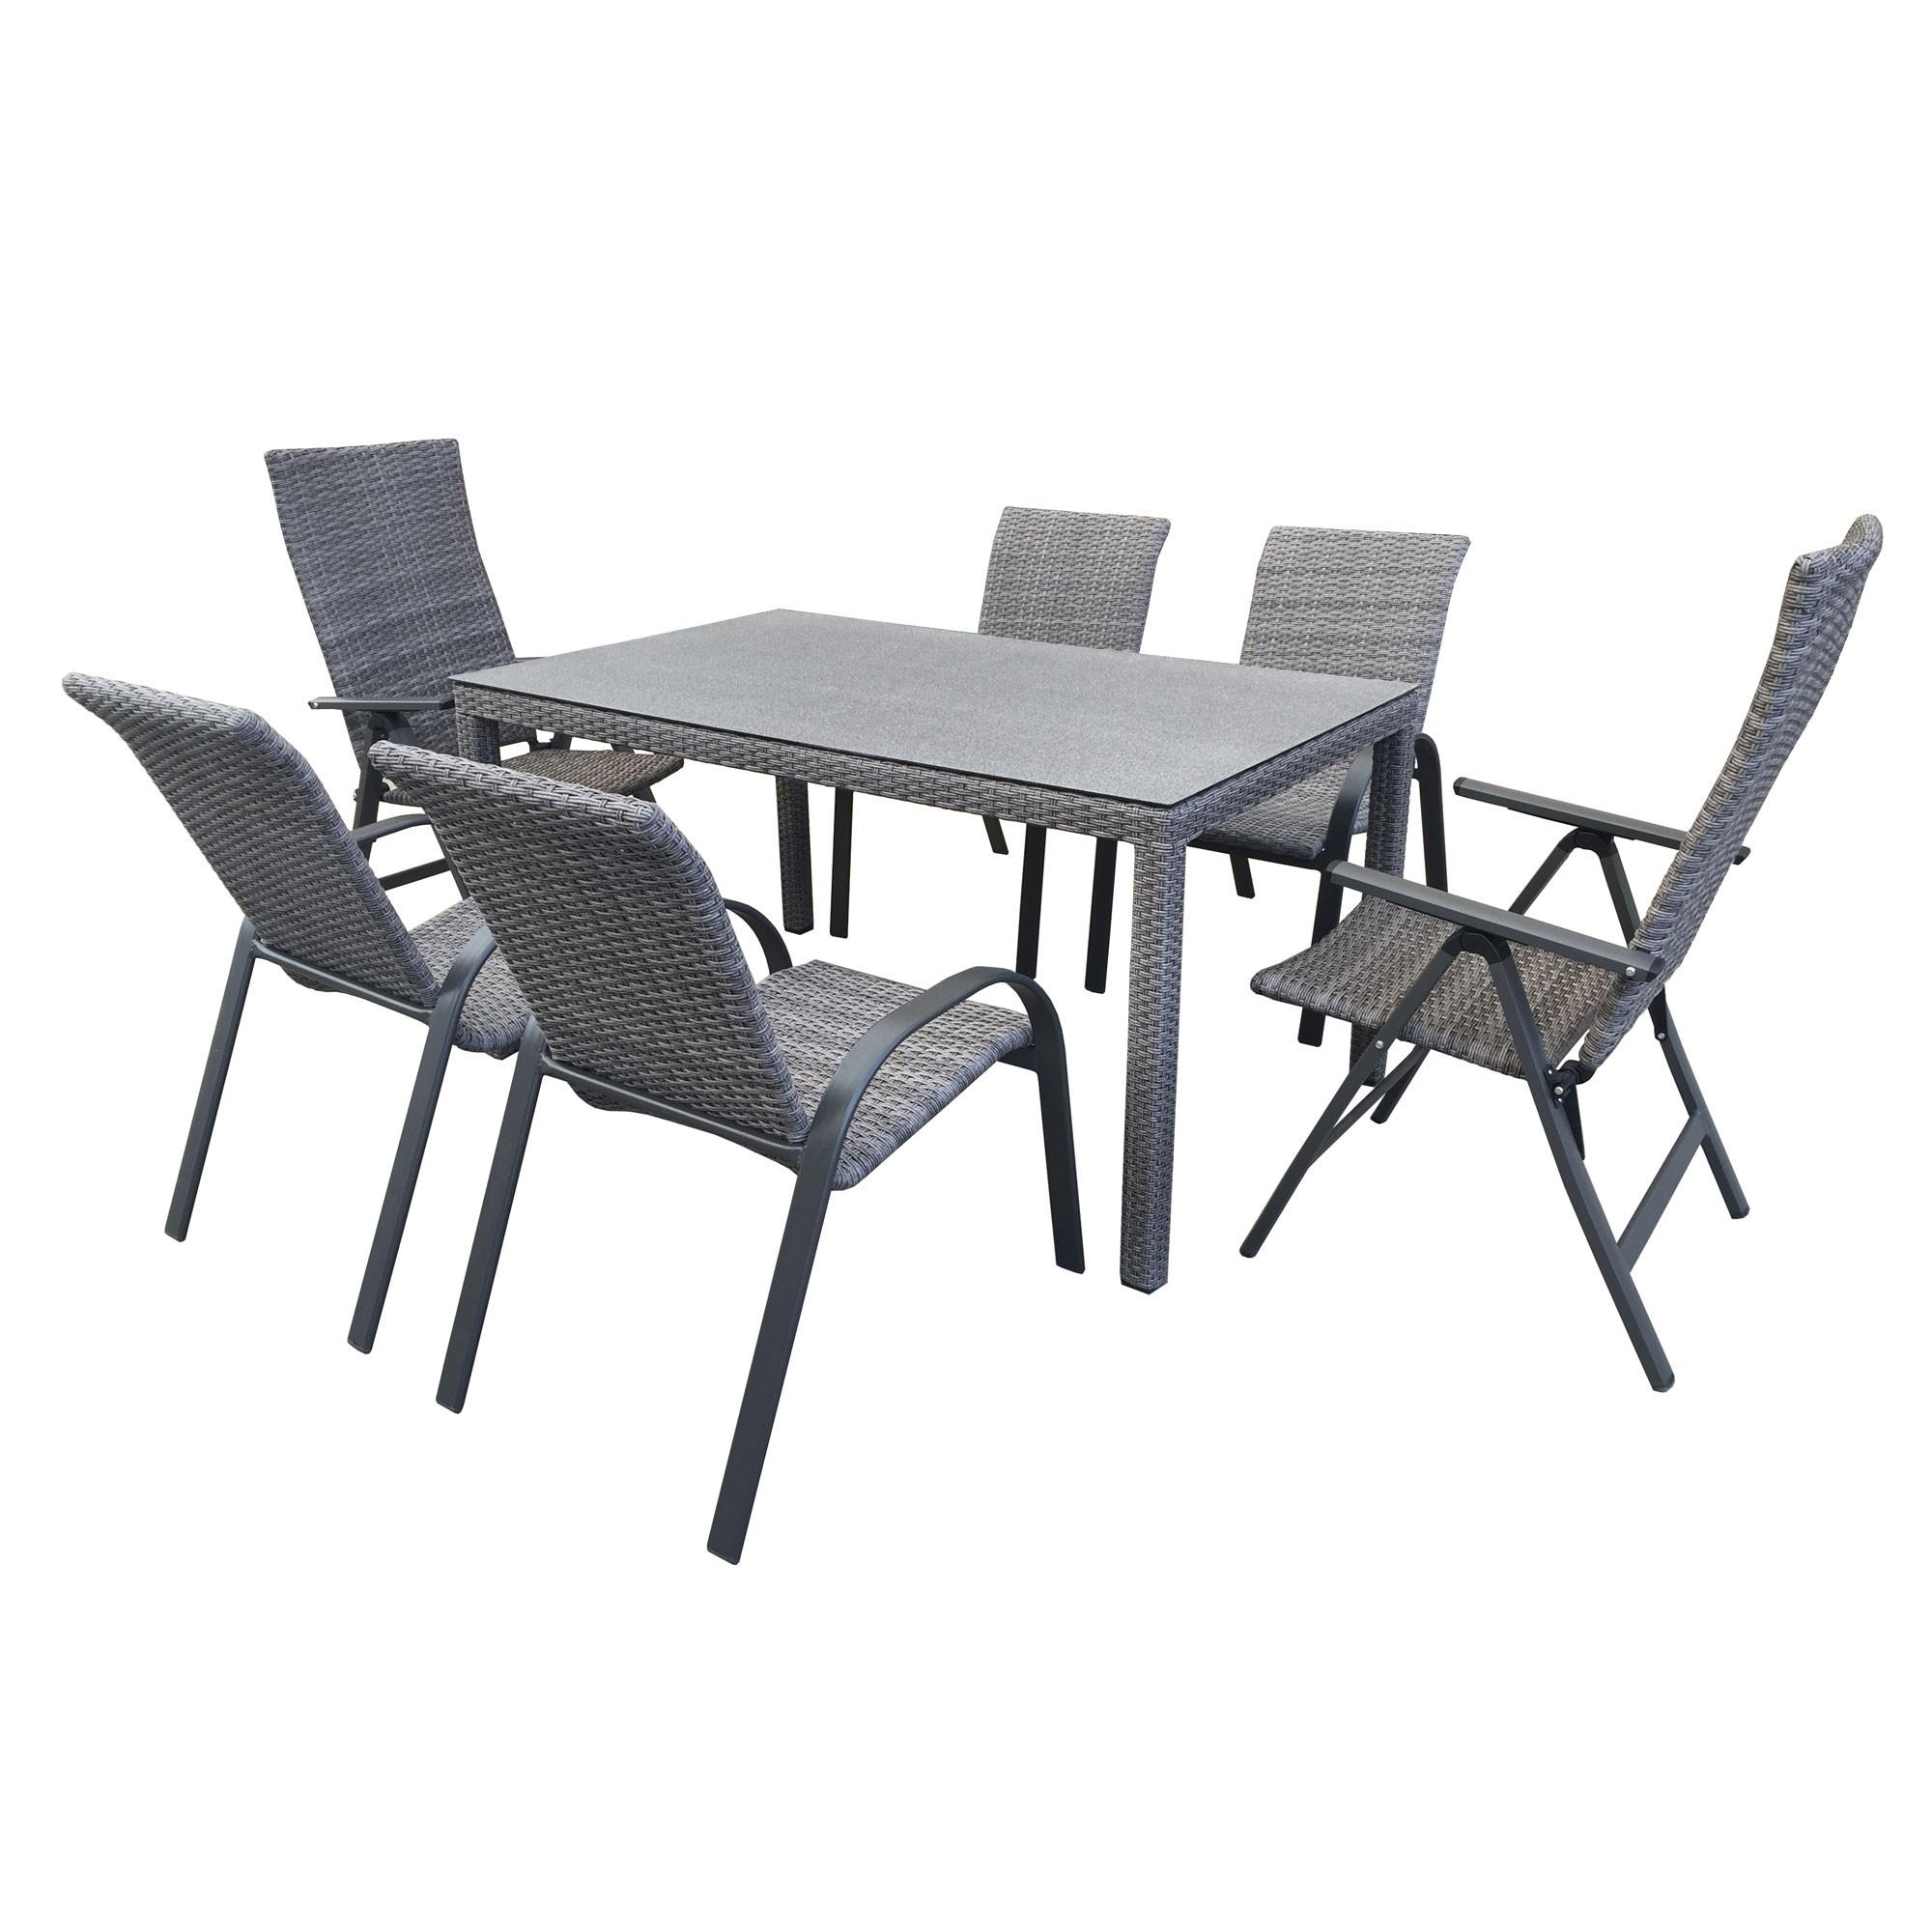 Dedeman set masa cu 6 scaune din metal cu ratan sintetic for Masa cu scaune dedeman